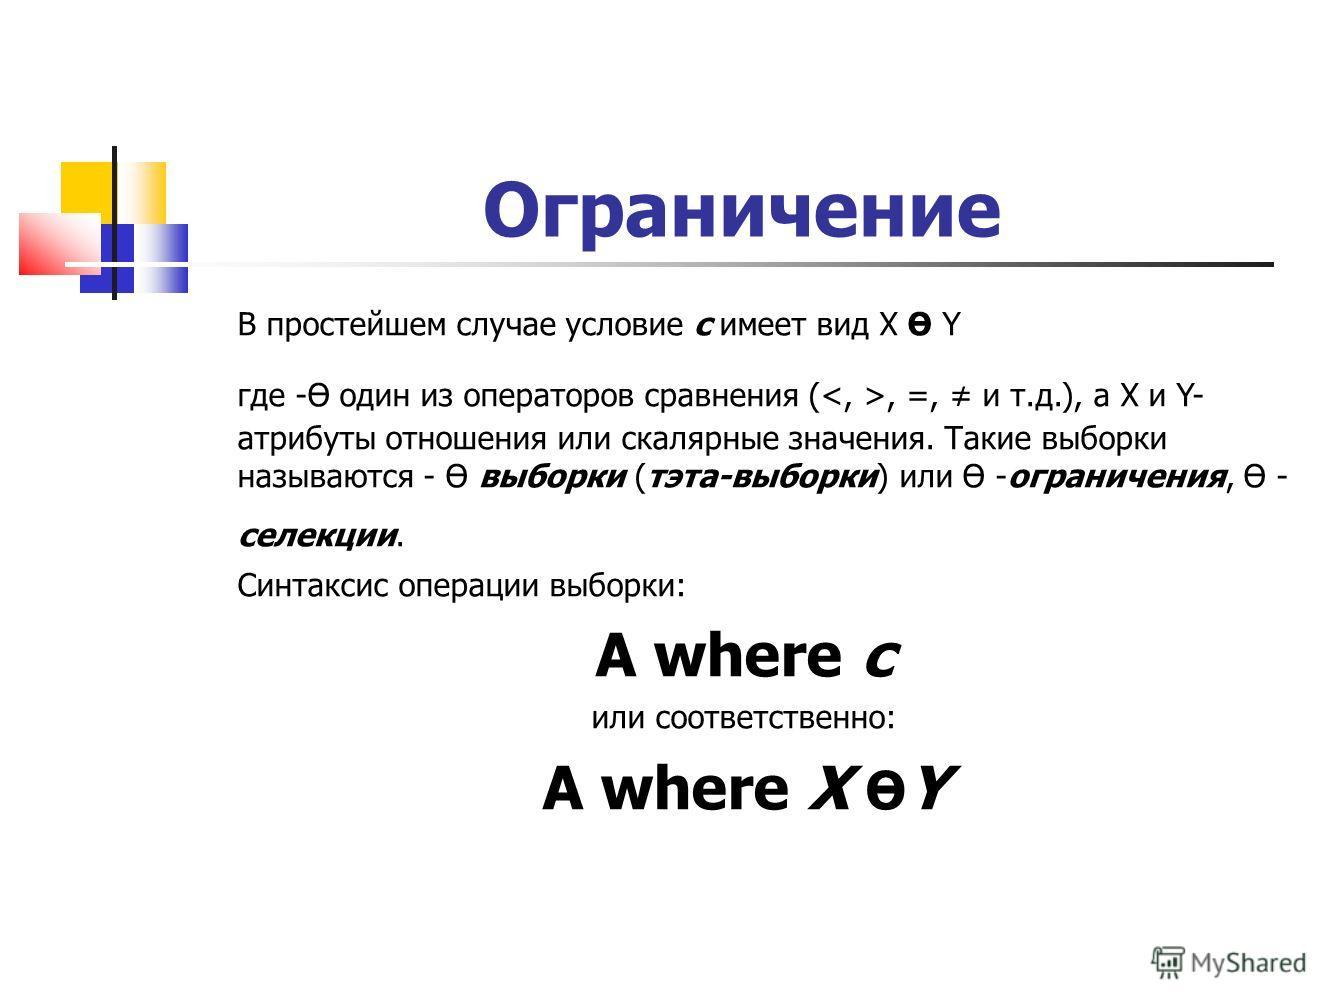 Ограничение В простейшем случае условие c имеет вид X Ө Y где -Ө один из операторов сравнения (, =, и т.д.), а X и Y- атрибуты отношения или скалярные значения. Такие выборки называются - Ө выборки (тэта-выборки) или Ө -ограничения, Ө - селекции. Син